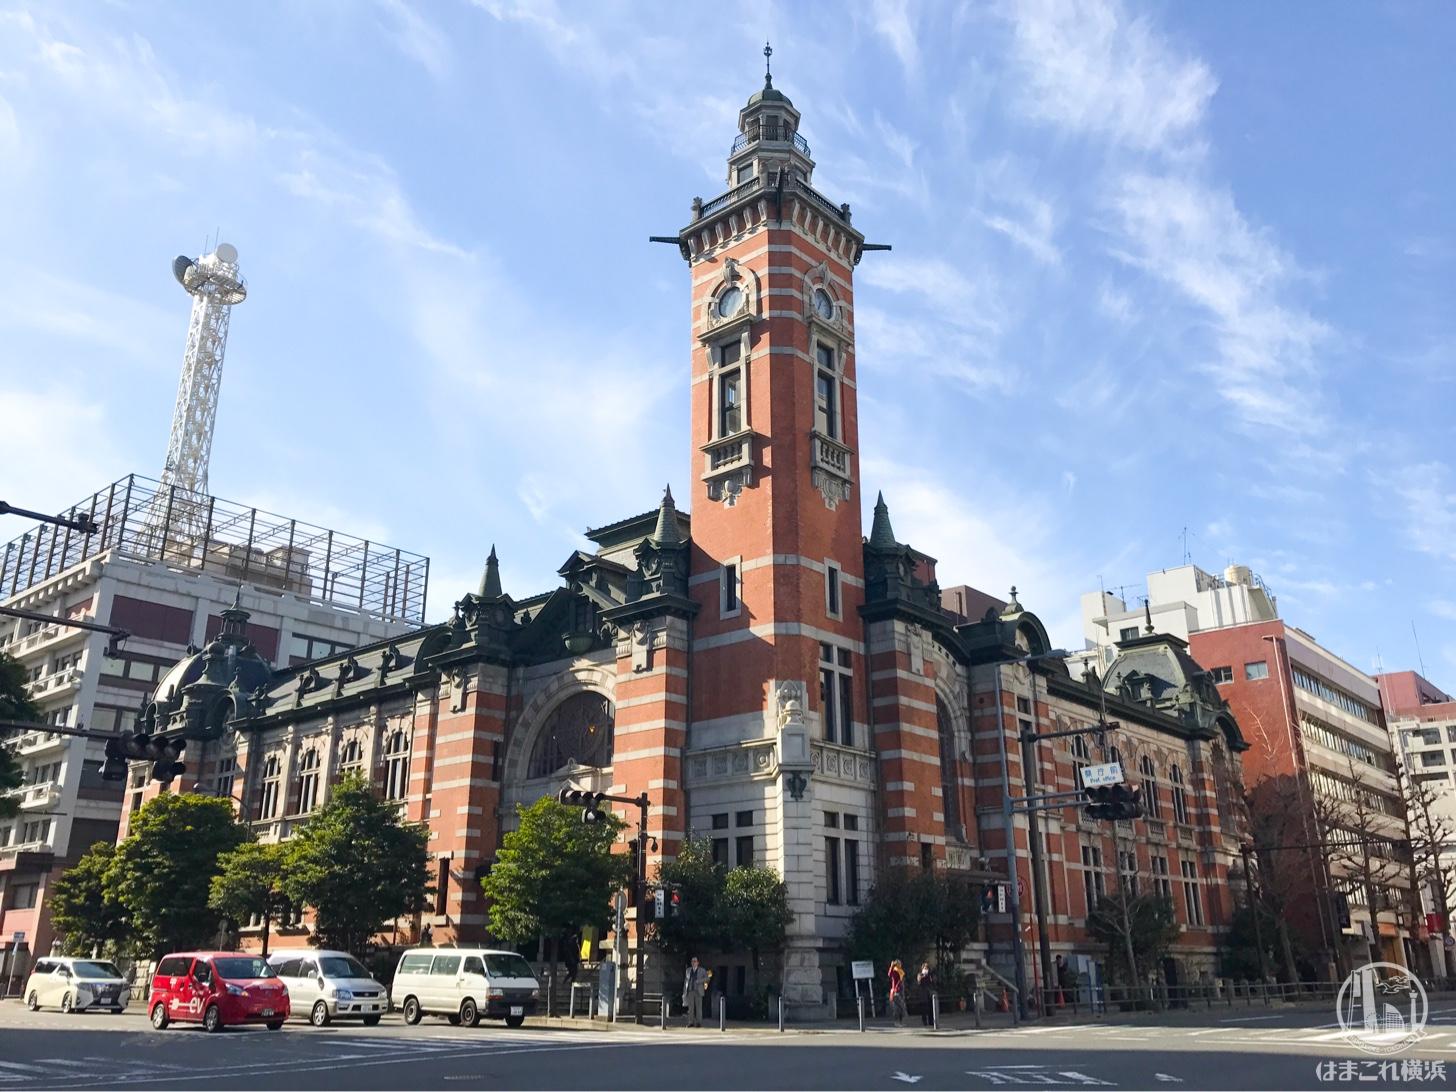 2018年 3月10日は横浜三塔の日!三塔で連携したイベントを多数開催